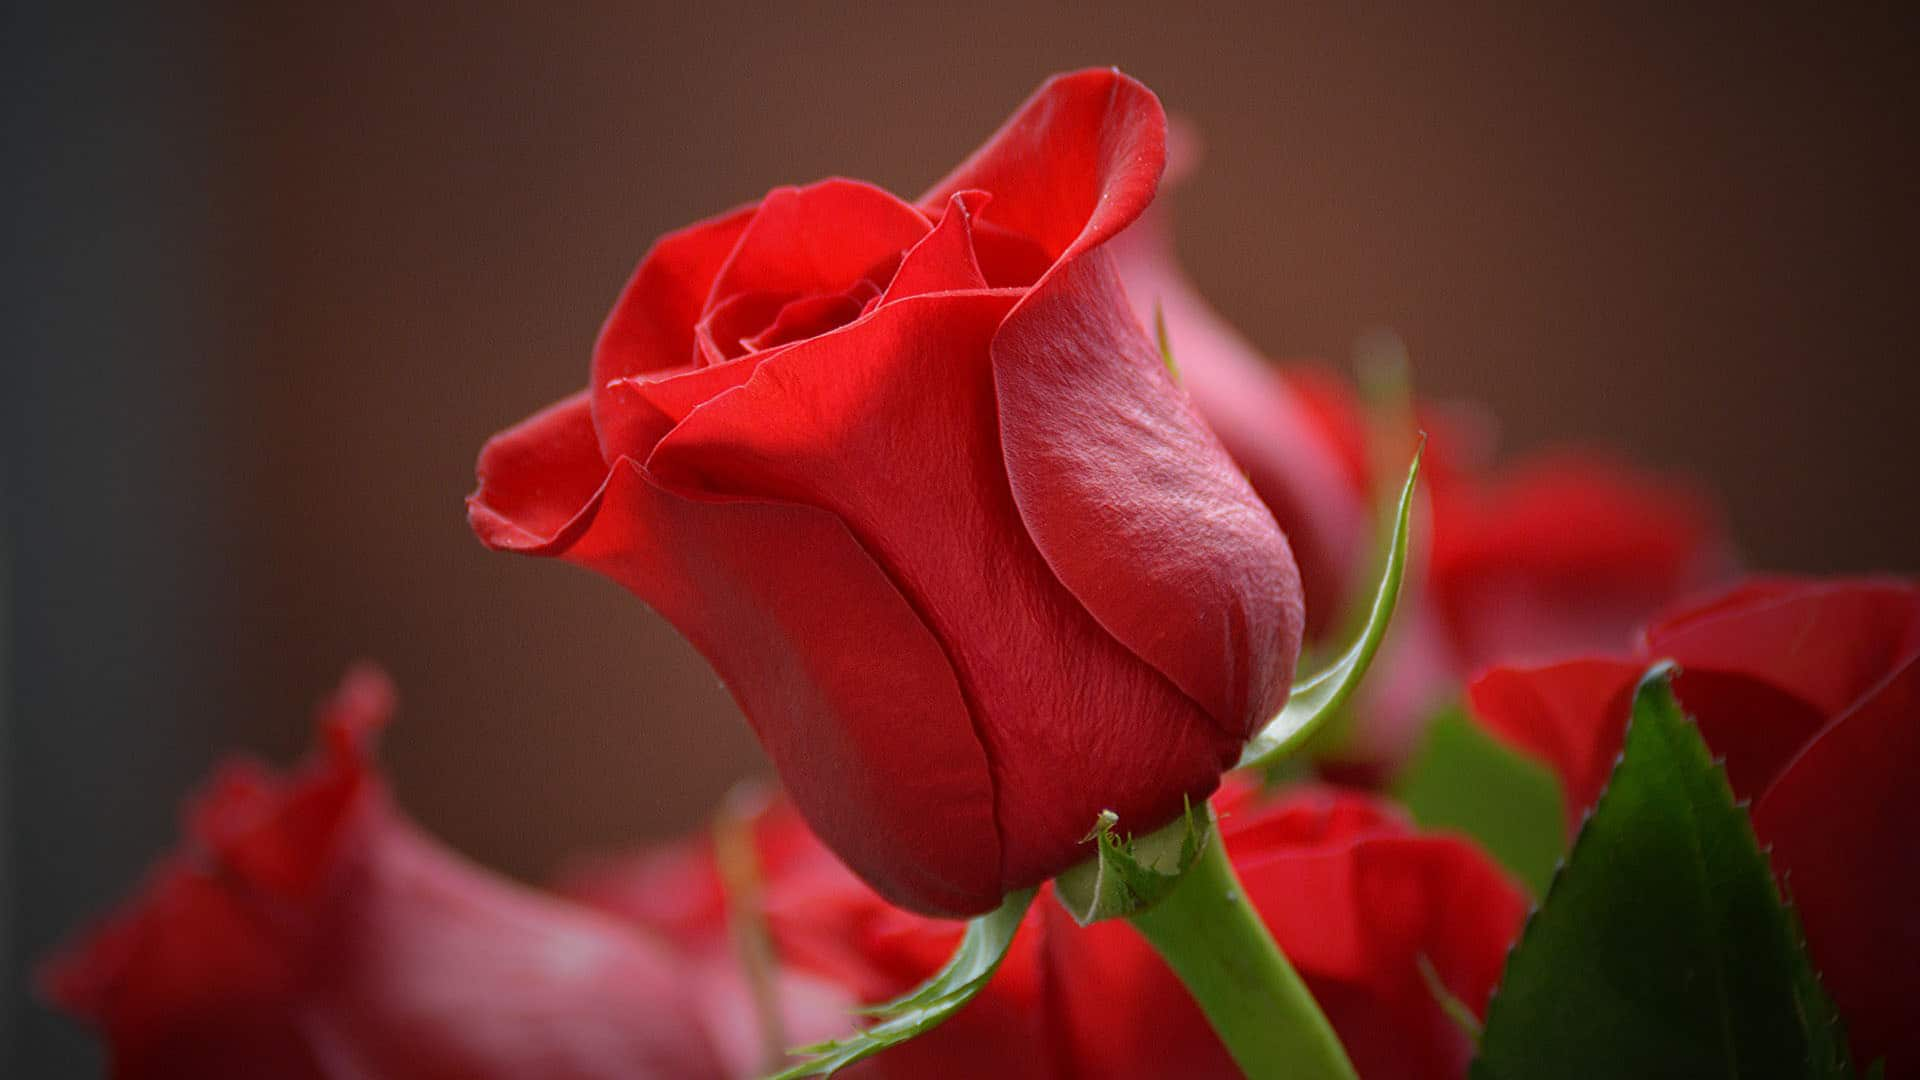 Rose Ingredient